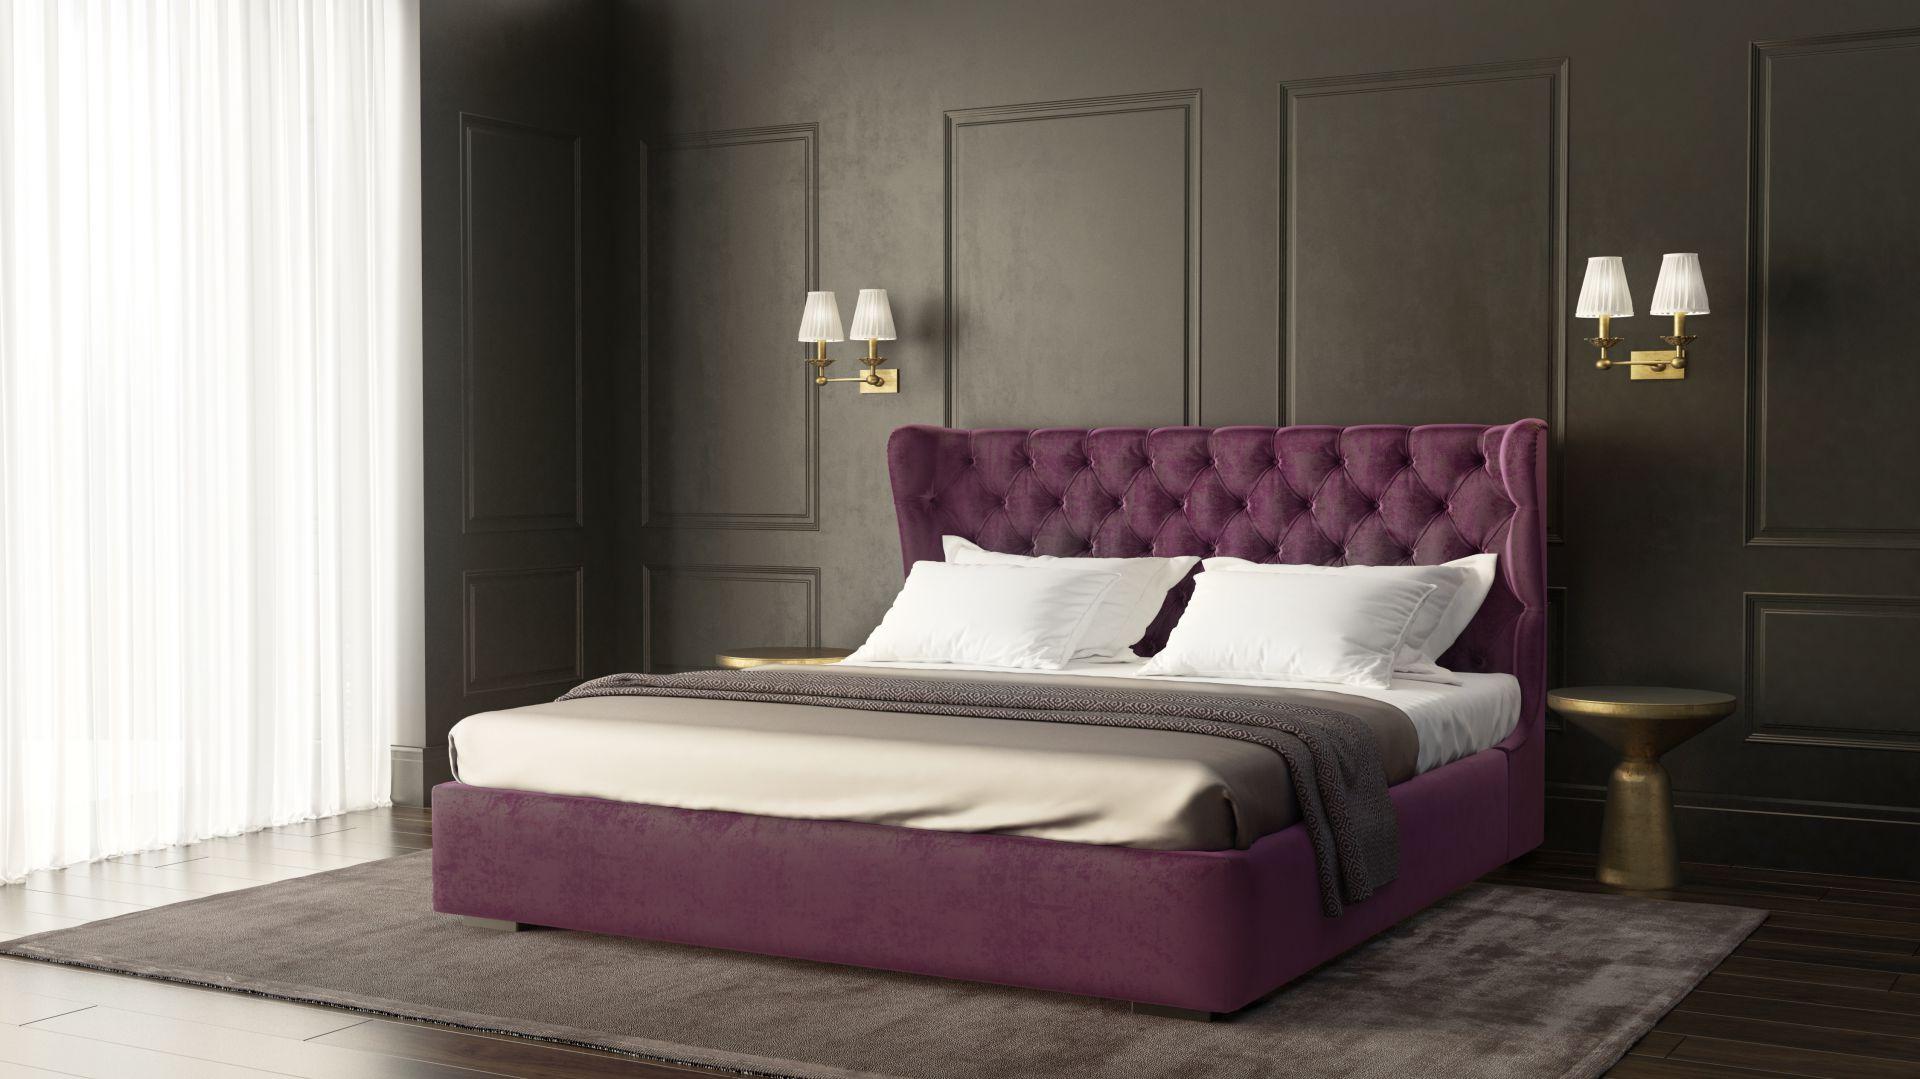 Fiolet i purpura na salonach. Fot. Franc Gardiner